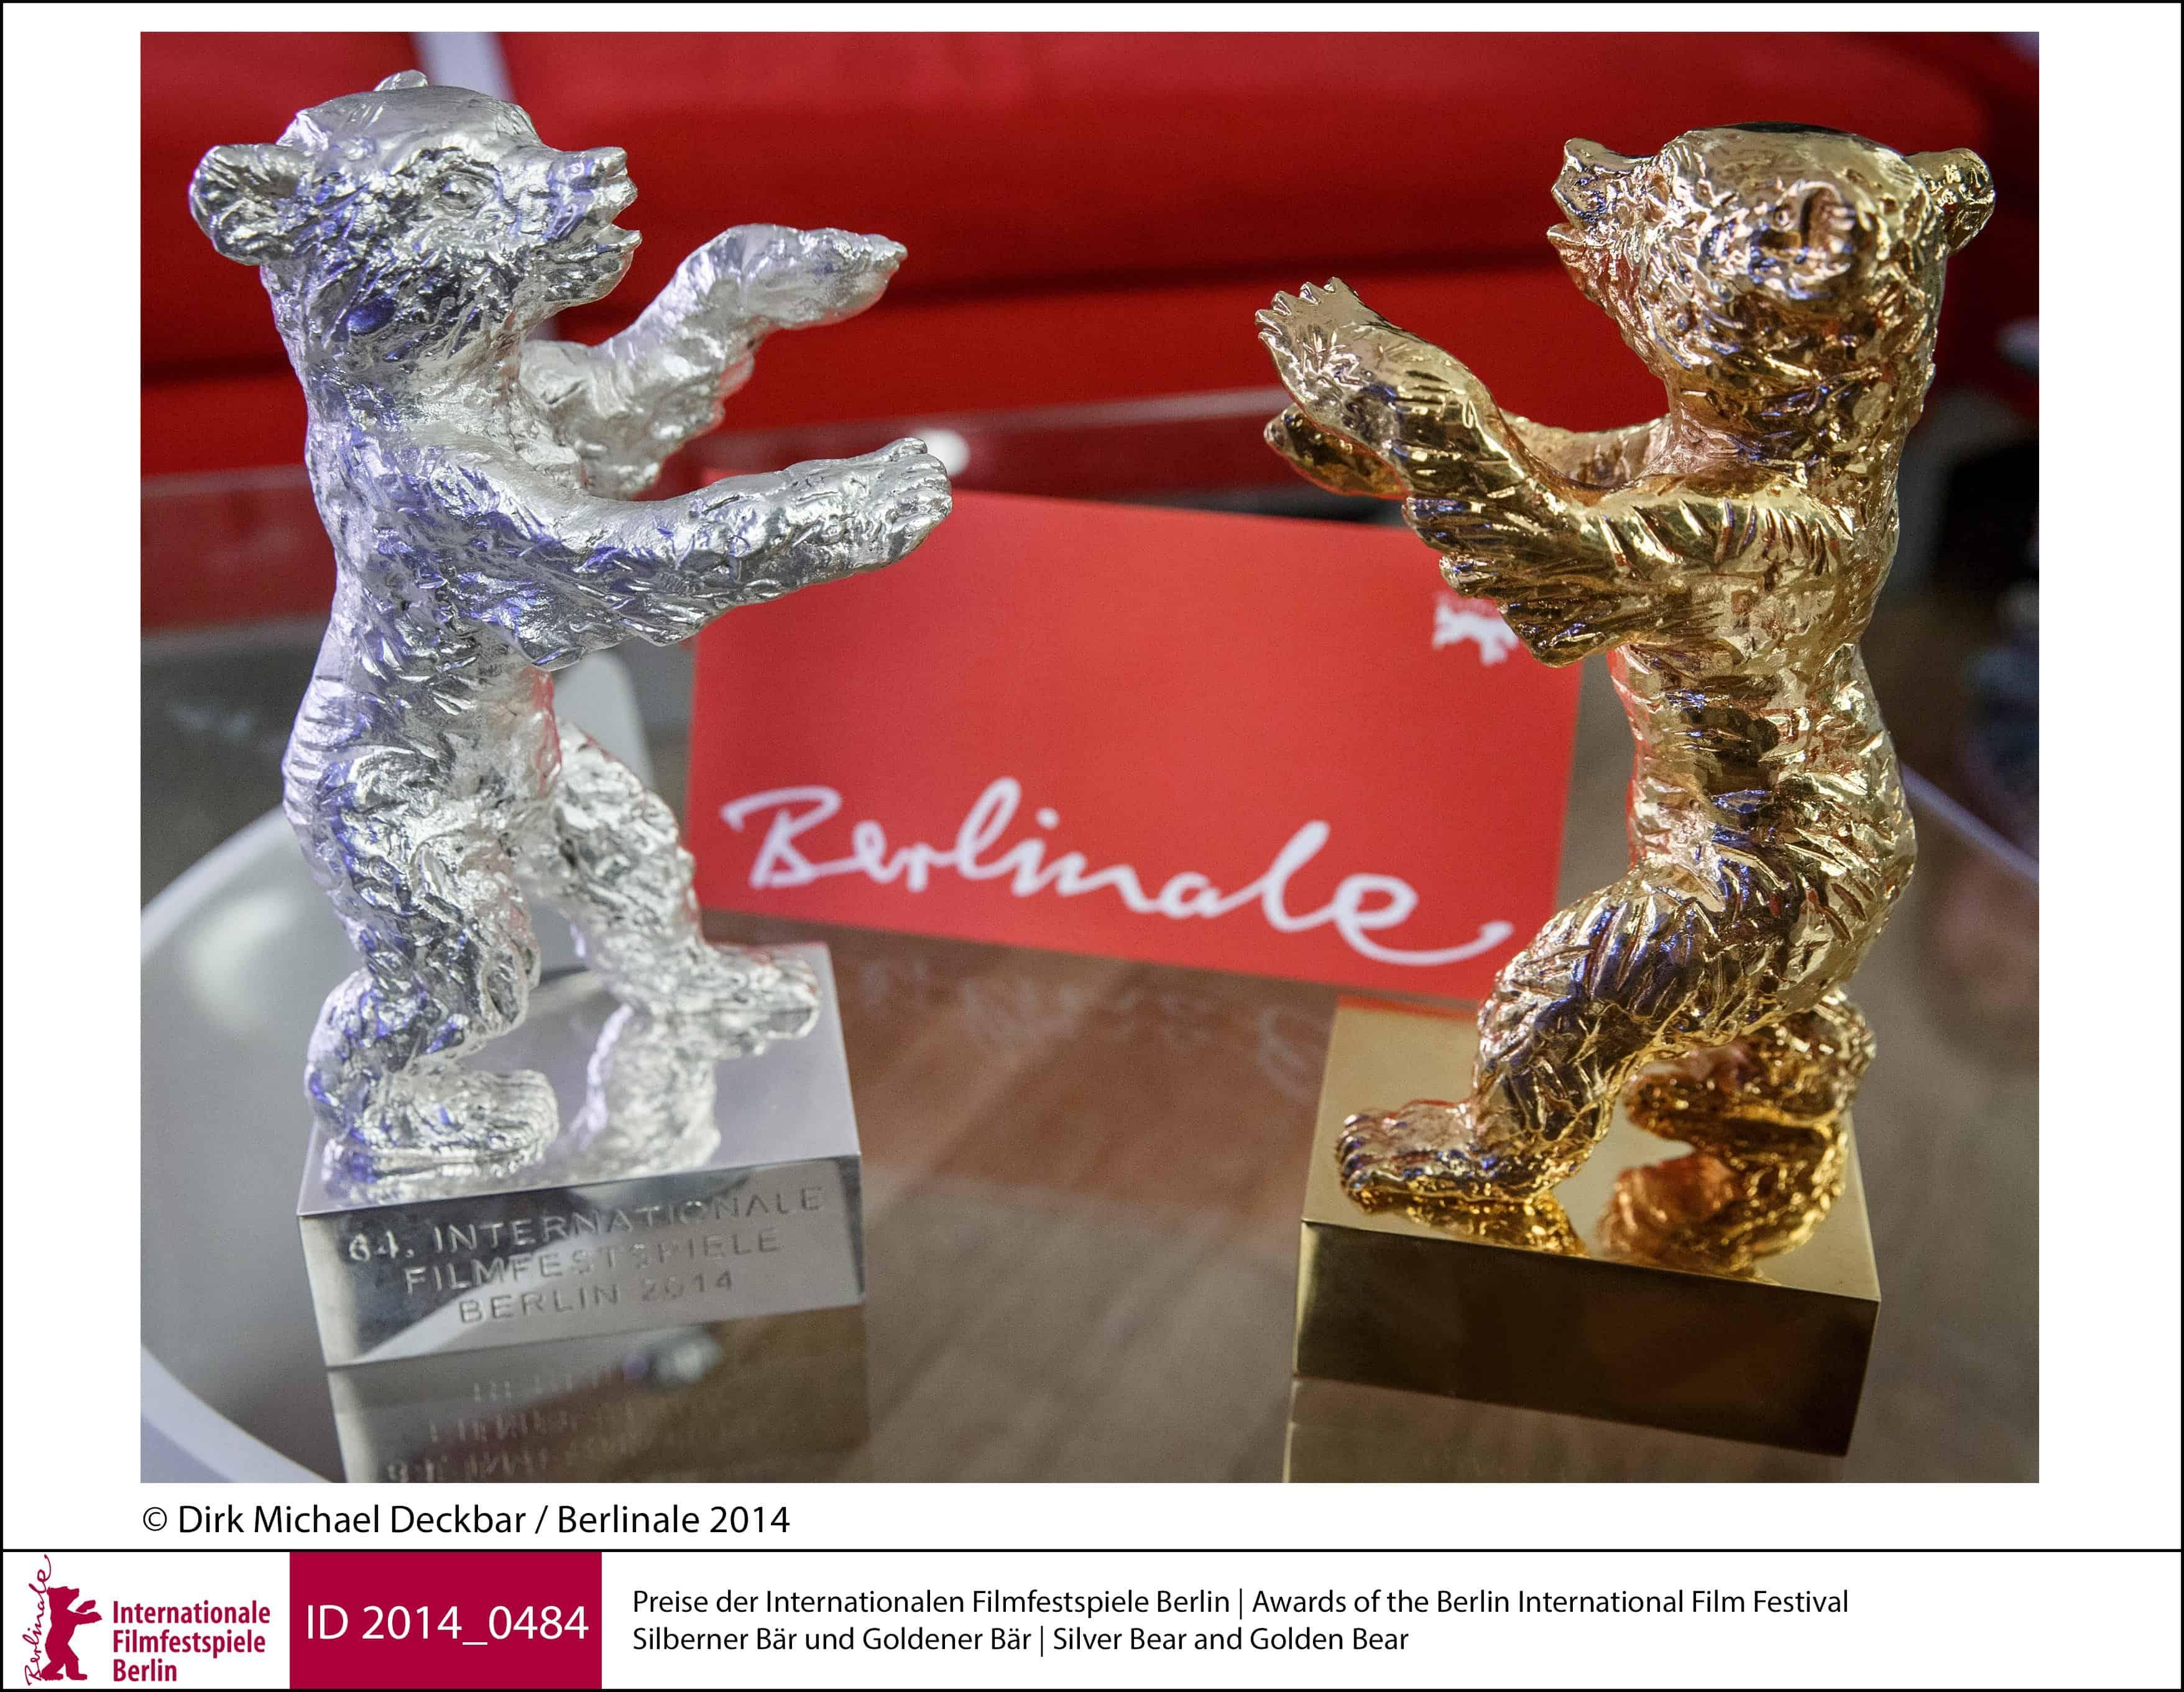 De to prestigefulde priser ved Berlinalen; Guld- og Sølvbjørnen